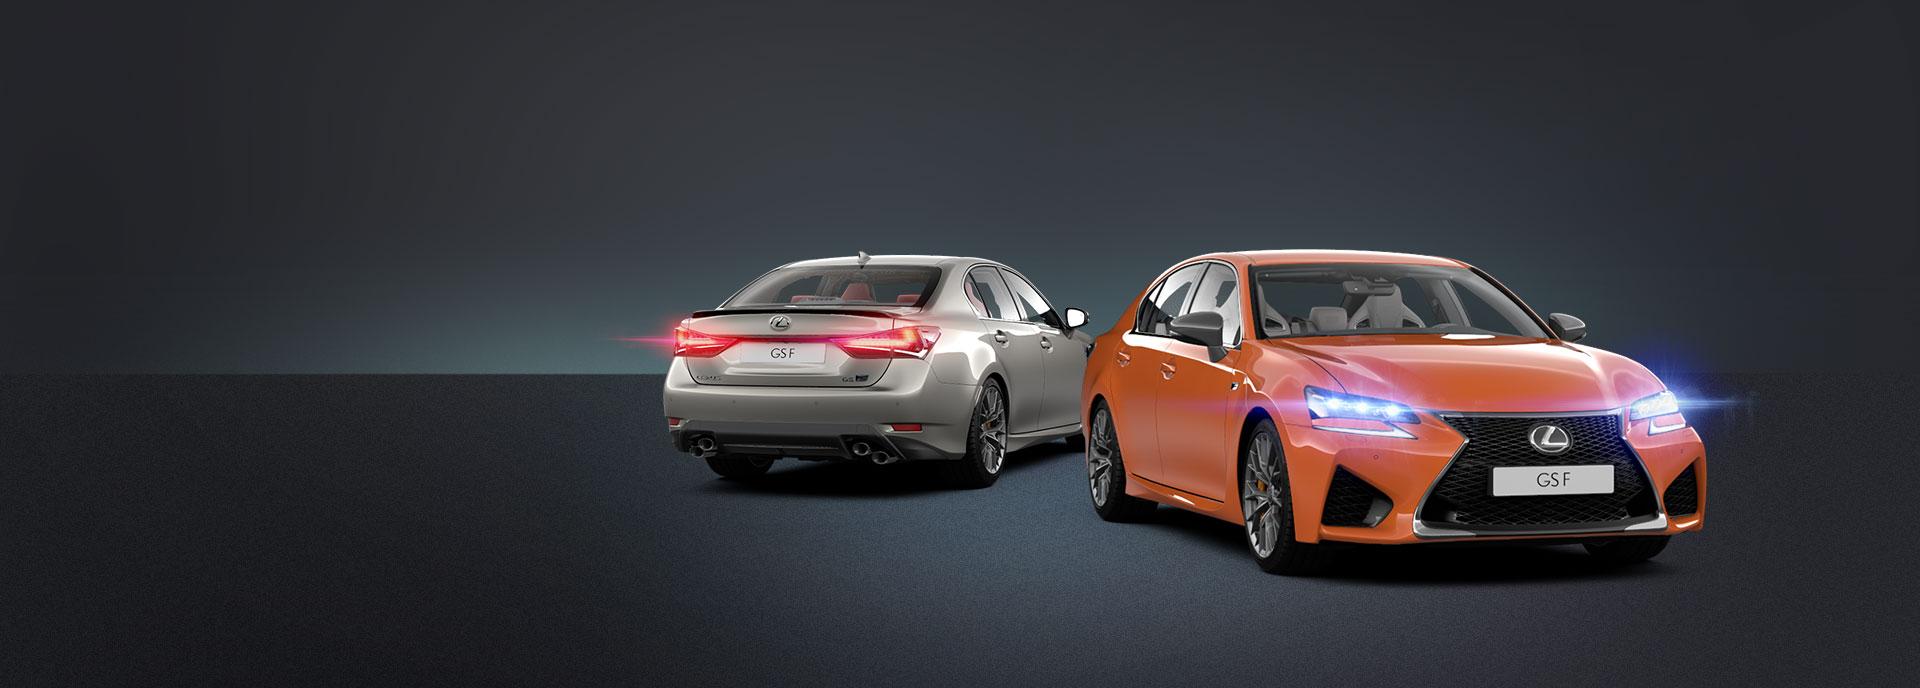 harmaa ja oranssi Lexus GS F